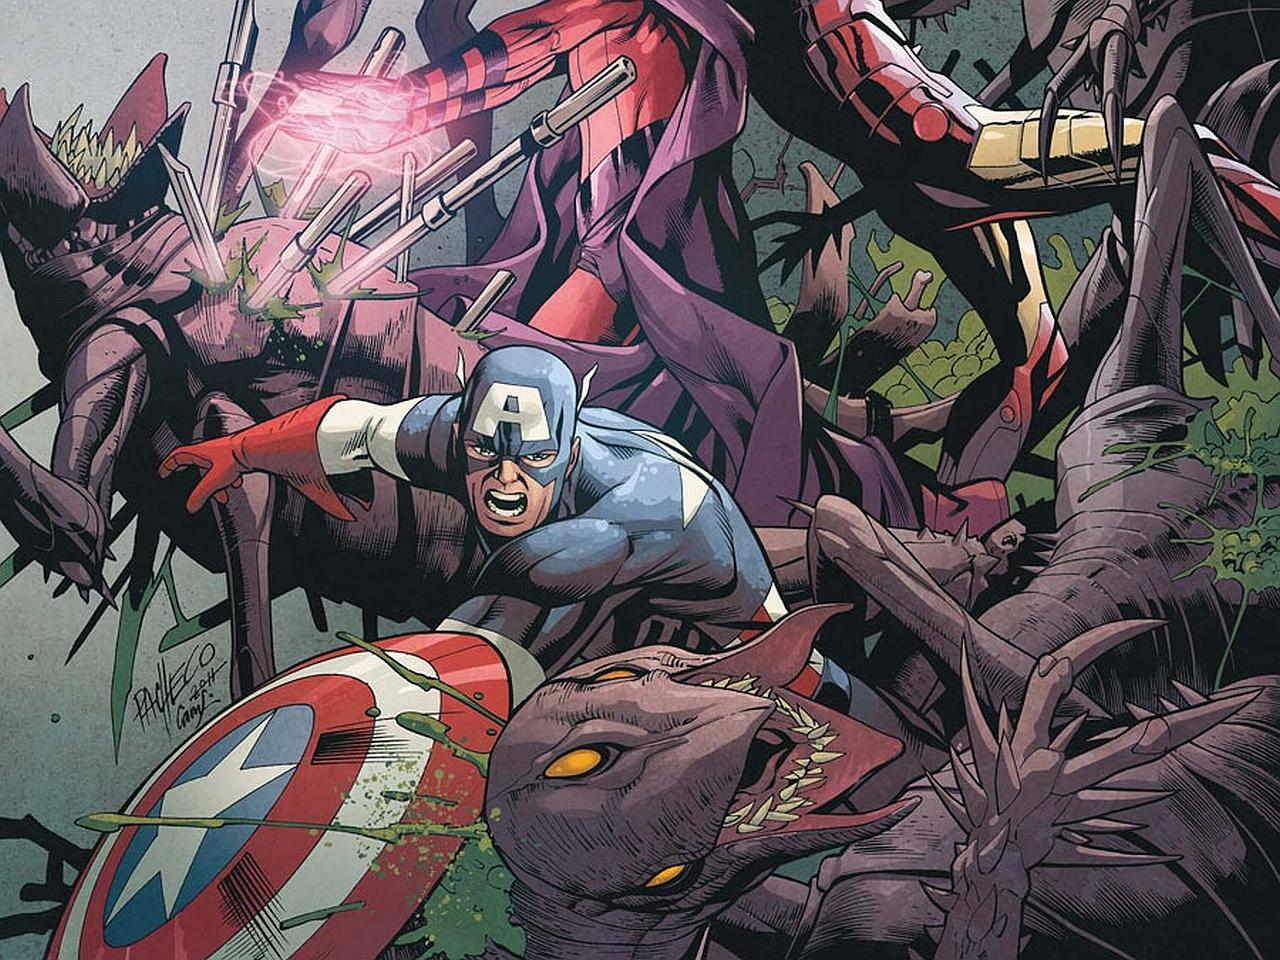 Uncanny X-Men Wallpaper HD Download